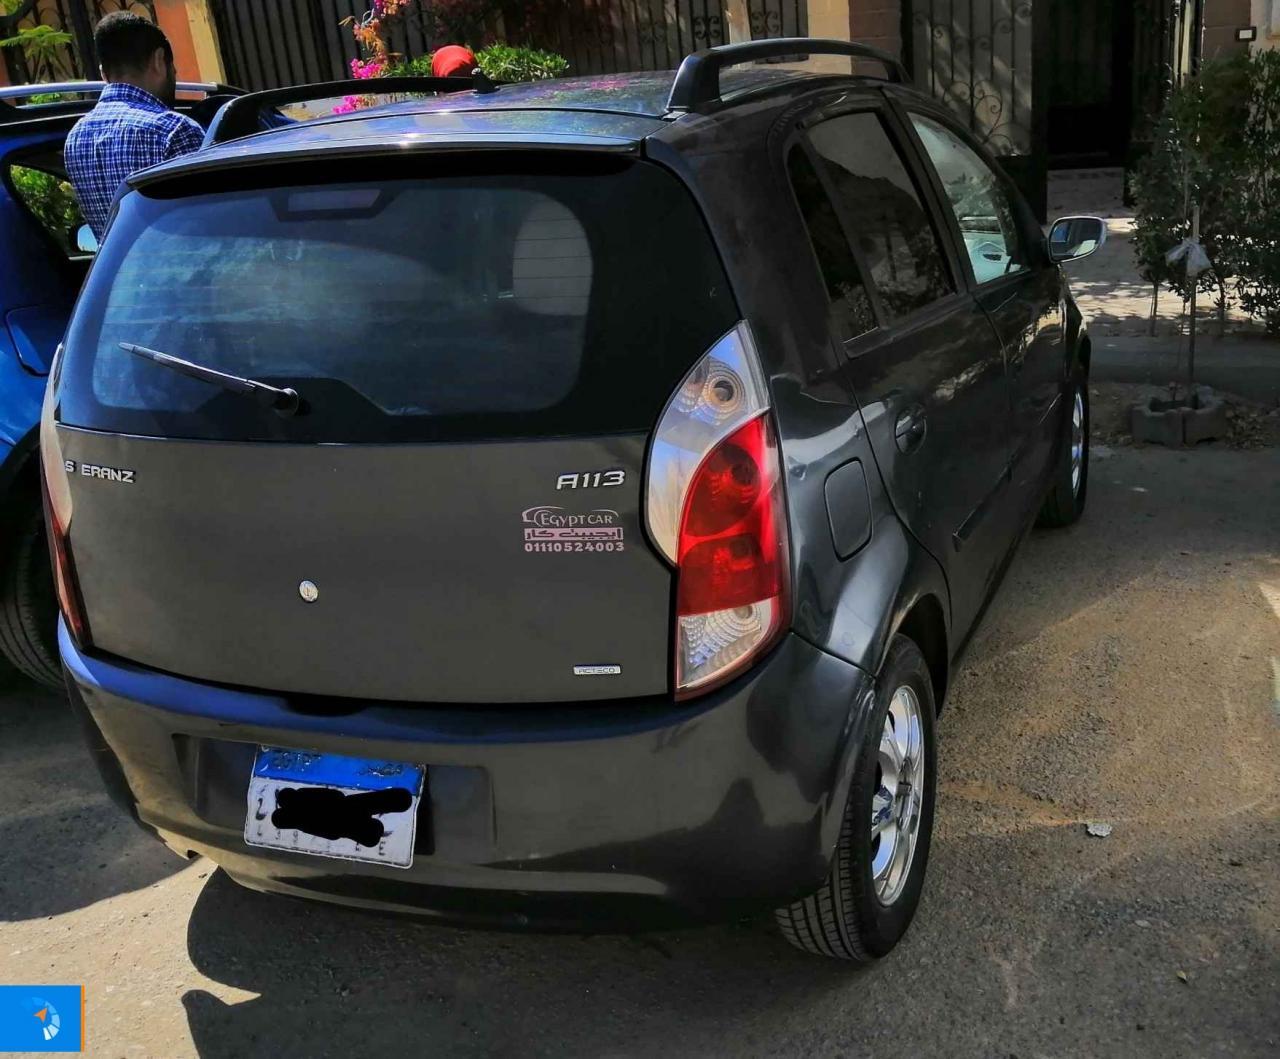 صورة سيارة اسبرانزا a113 , سيارة الشباب الاولى